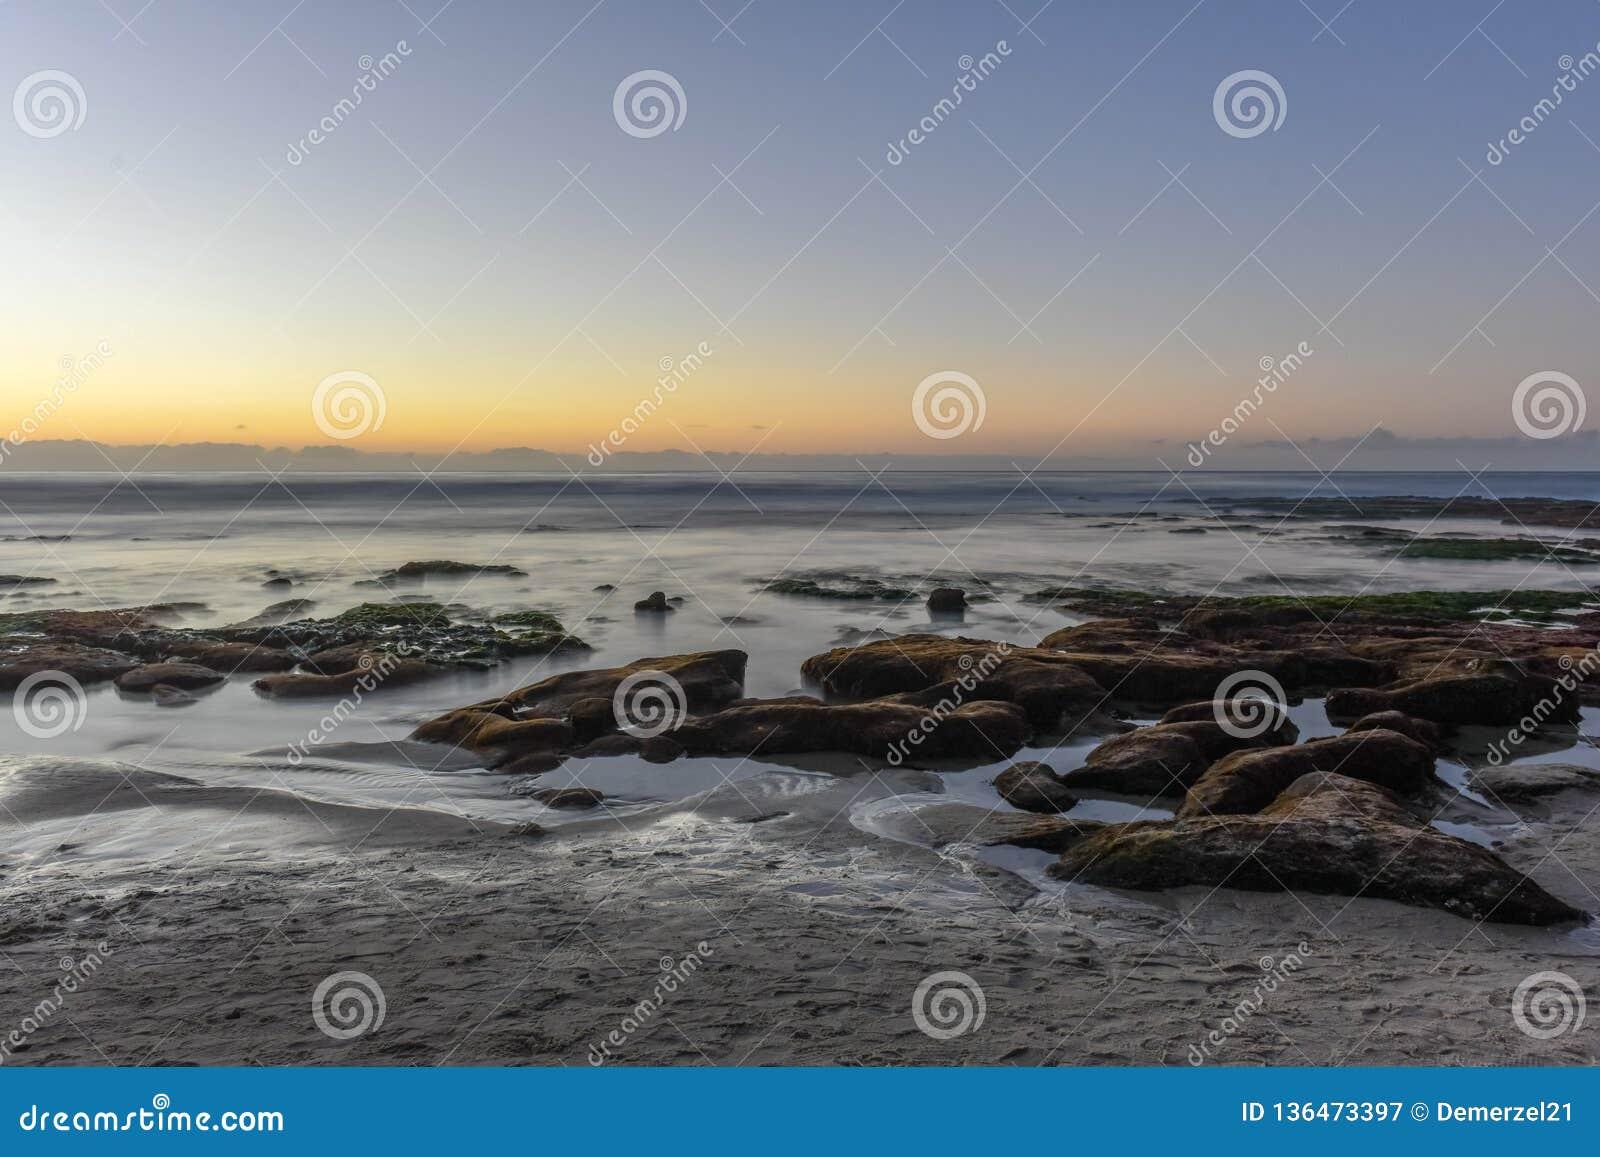 Rive di La Jolla - San Diego, California